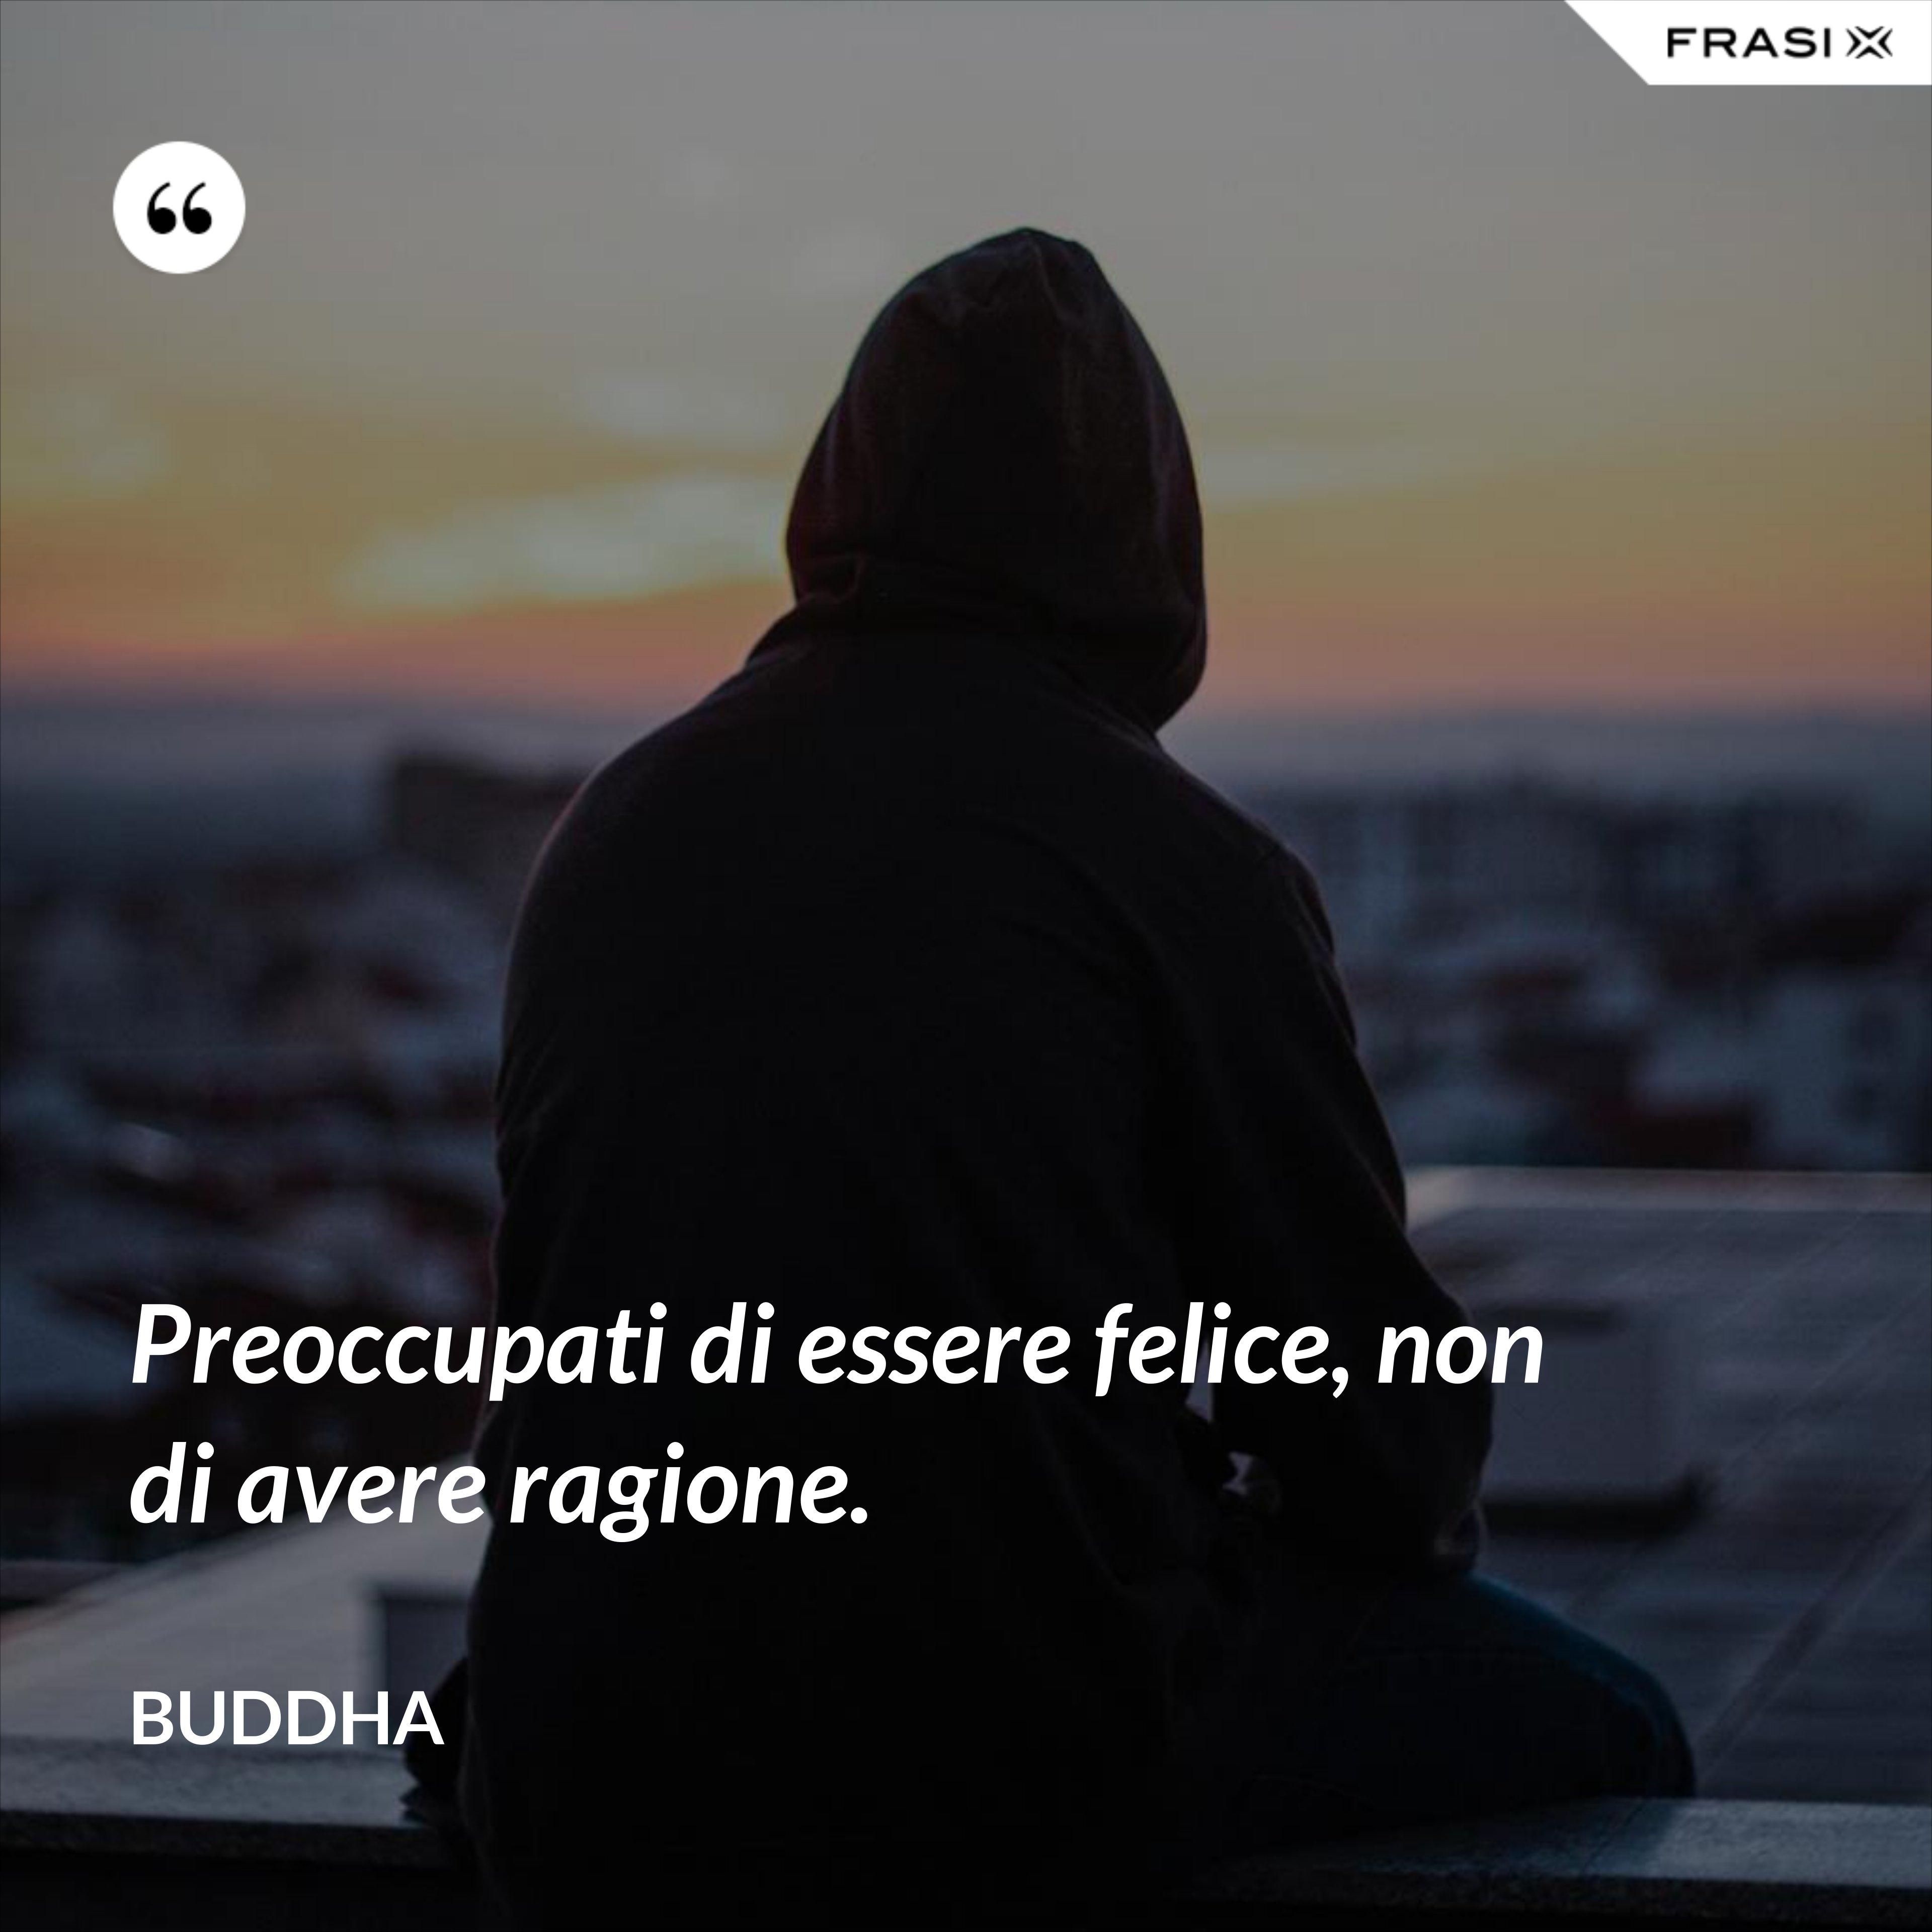 Preoccupati di essere felice, non di avere ragione. - Buddha